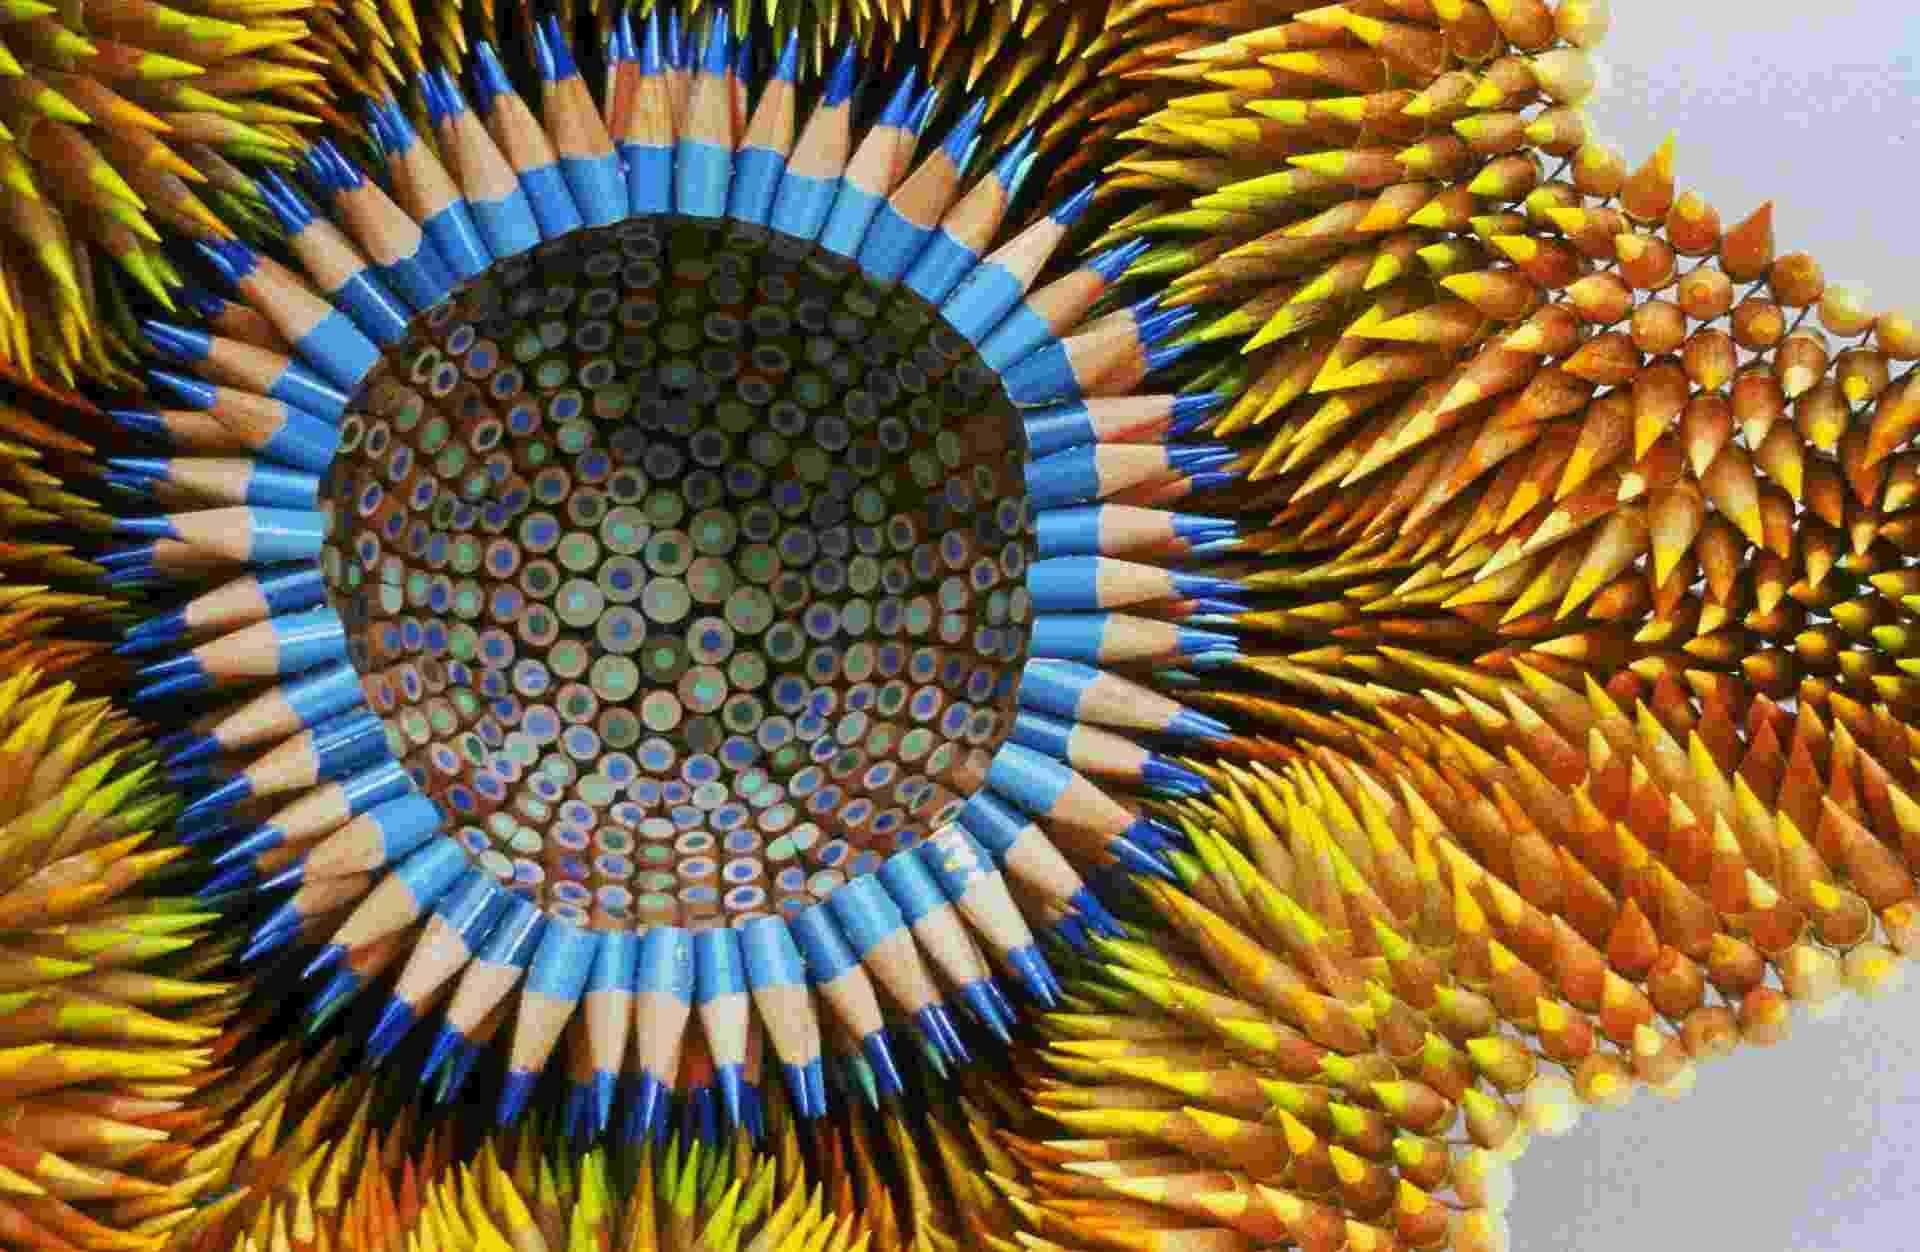 """Você teria uma escultura ousada na sua casa? E se ela lembrasse um coral e fosse feita com lápis de cor? A artista plástica Jennifer Maestre (www.jennifermaestre.com) cria peças incomuns usando essa matéria-prima de uma forma pouco convencional: como peças de um quebra-cabeça. No detalhe da obra """"Aurora"""" é possível ver o corte feito sobre os lápis e como eles são colocados na estrutura de arame - Divulgação"""